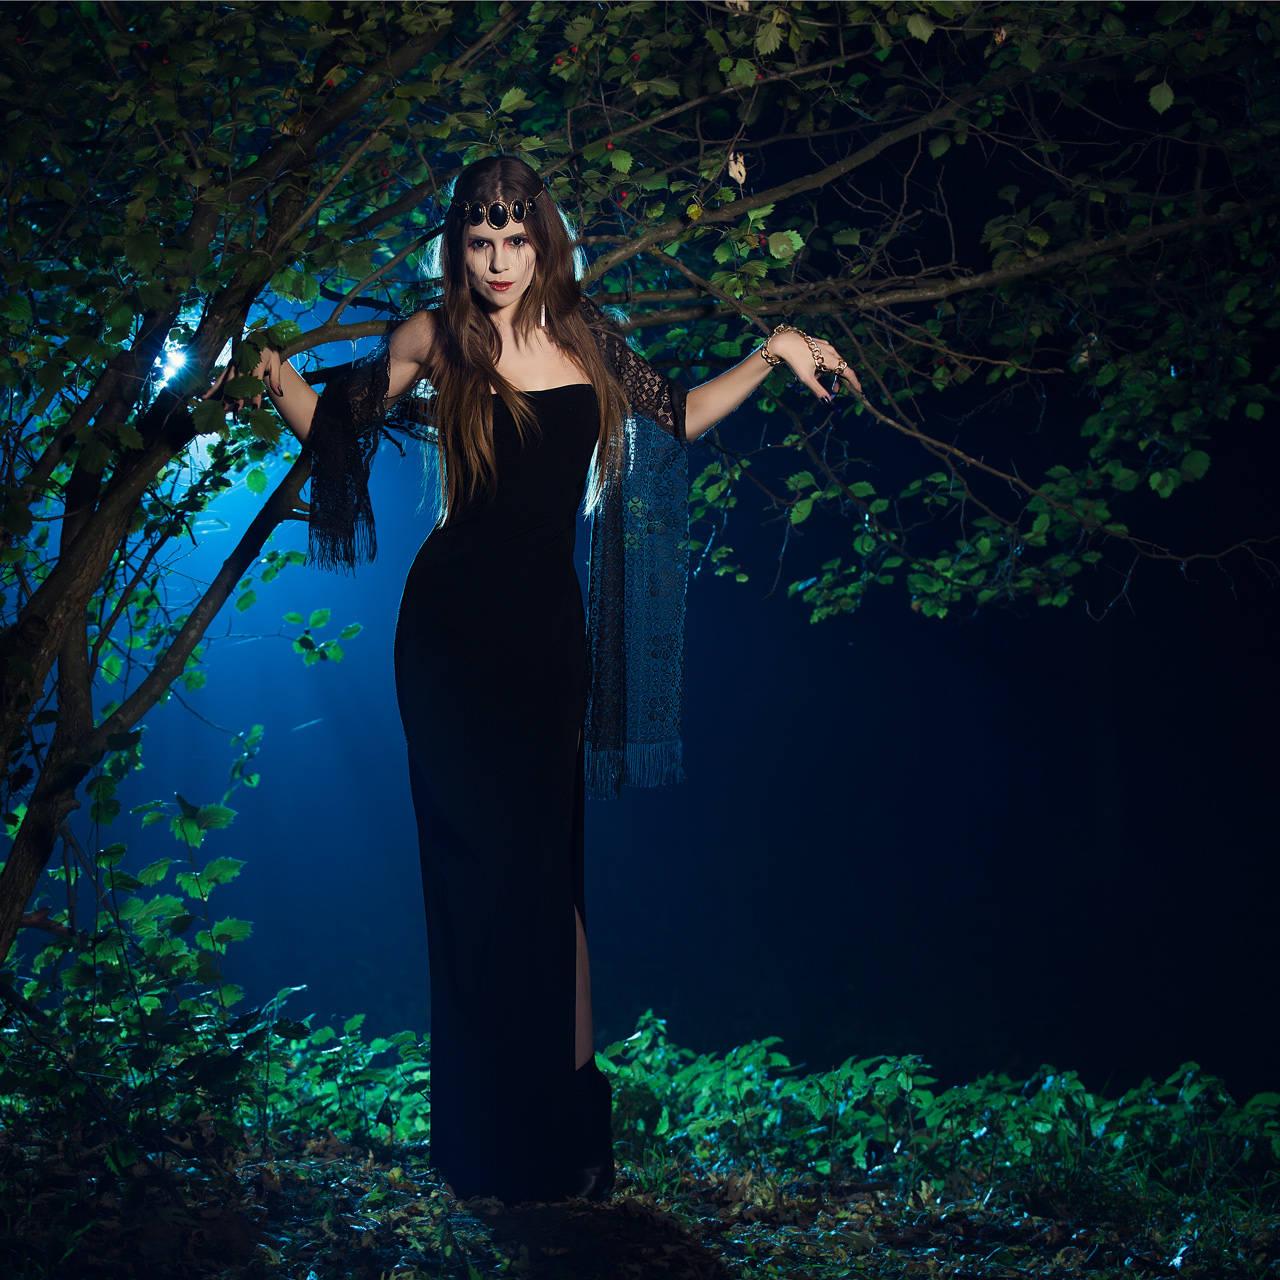 картинки и фото красивая ведьма сахарную